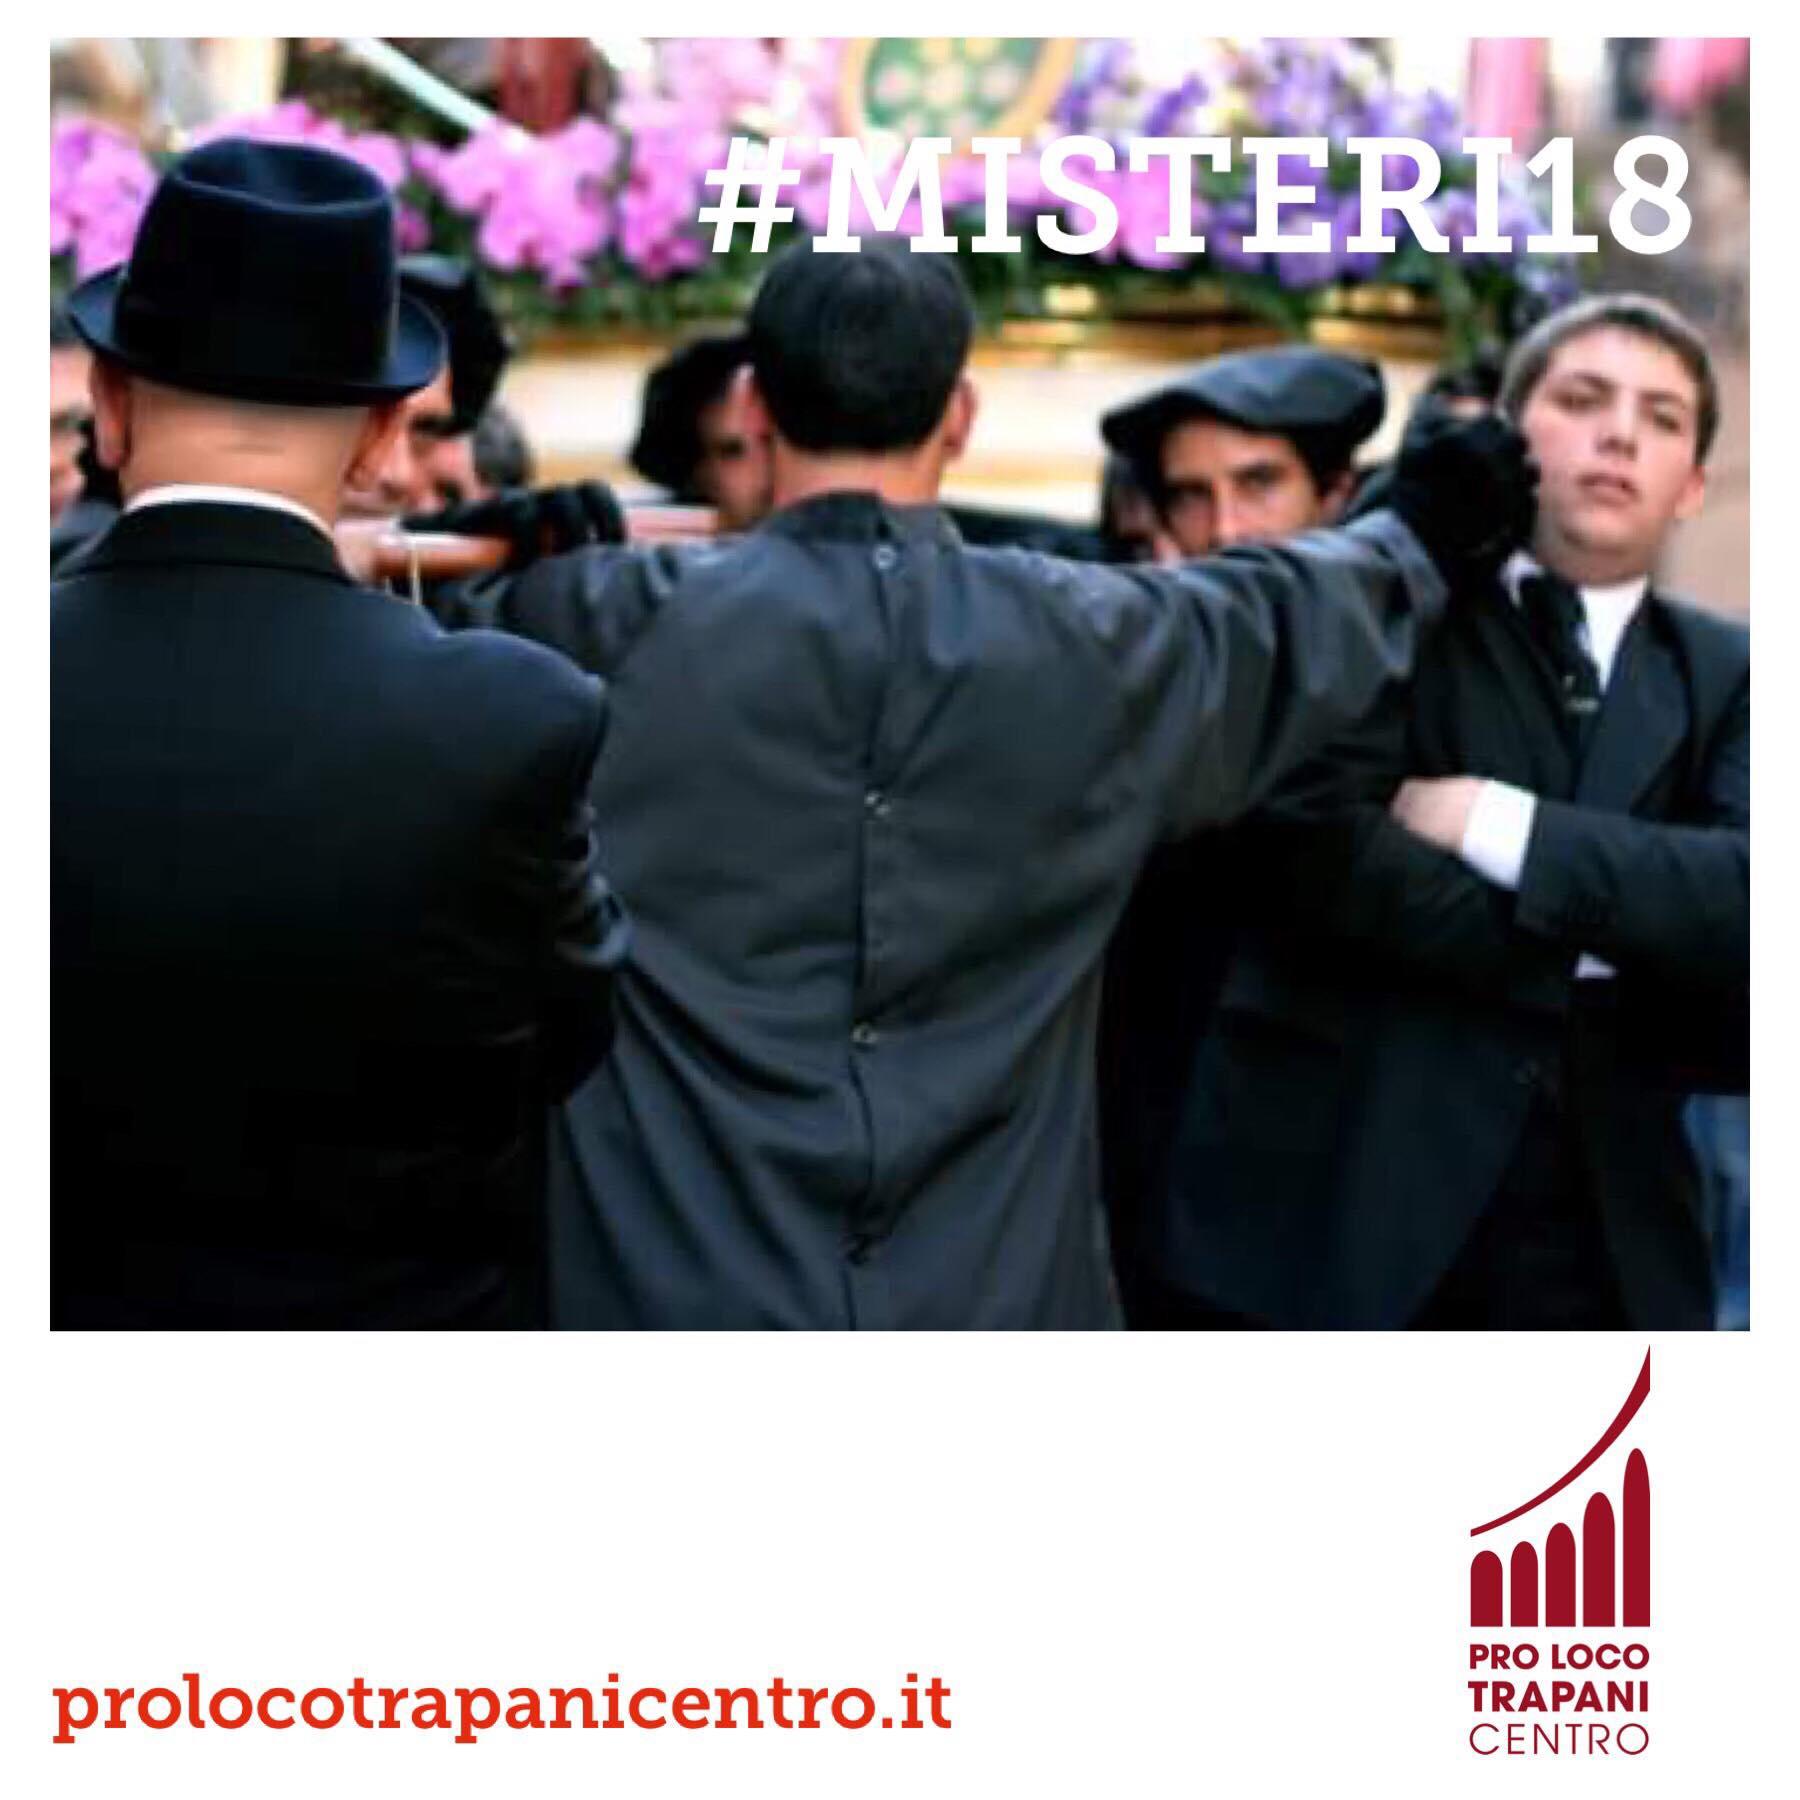 Contest #misteri18 ProLoco Trapani